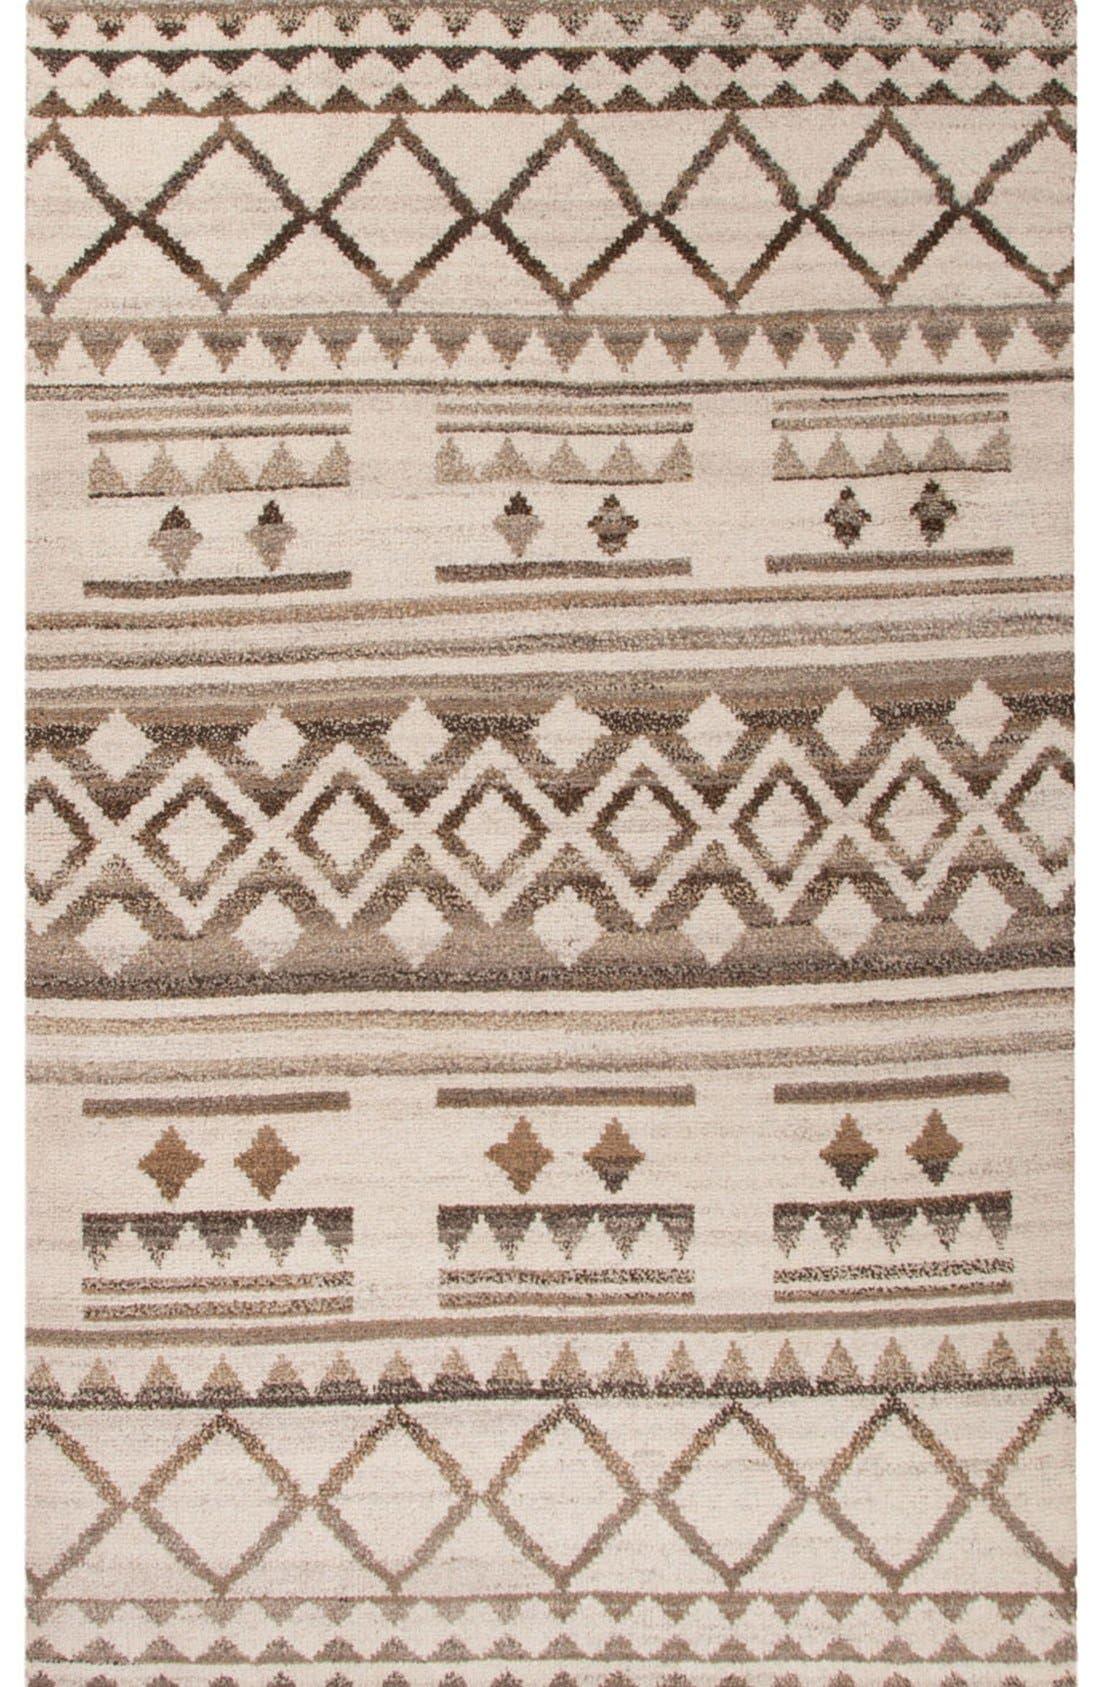 'Vanden Bohemian' Wool Rug,                         Main,                         color, Natural/ Brown